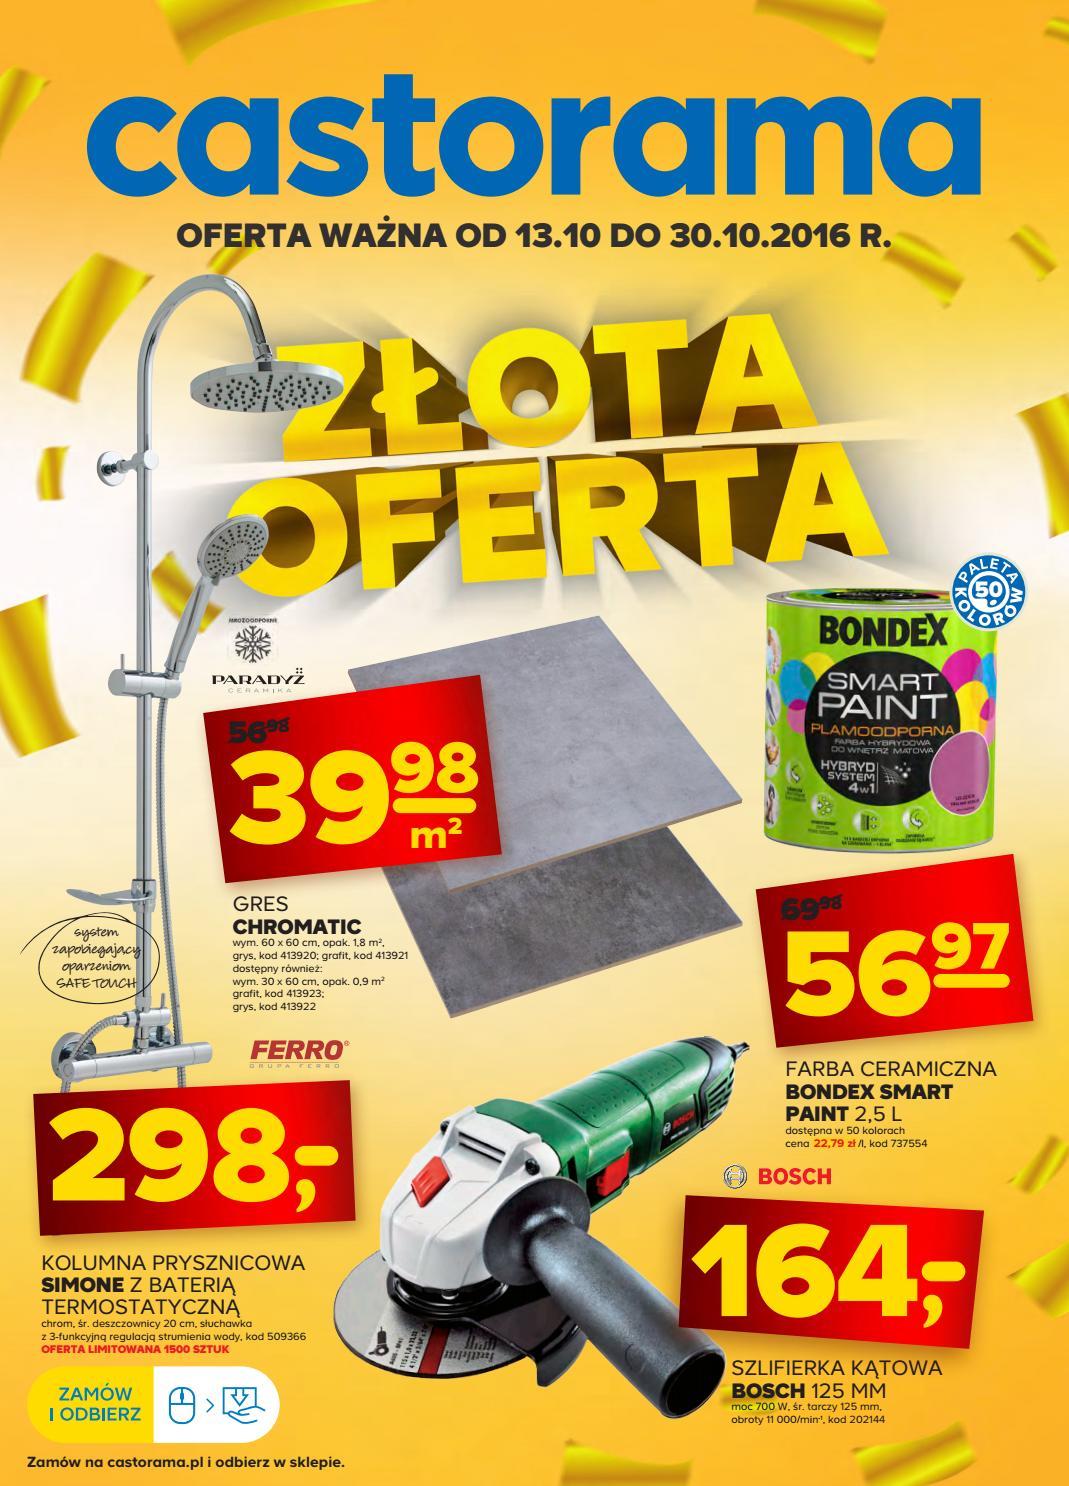 Castorama Gazetka Od 13 10 Do 30 10 2016 By Iulotka Pl Issuu